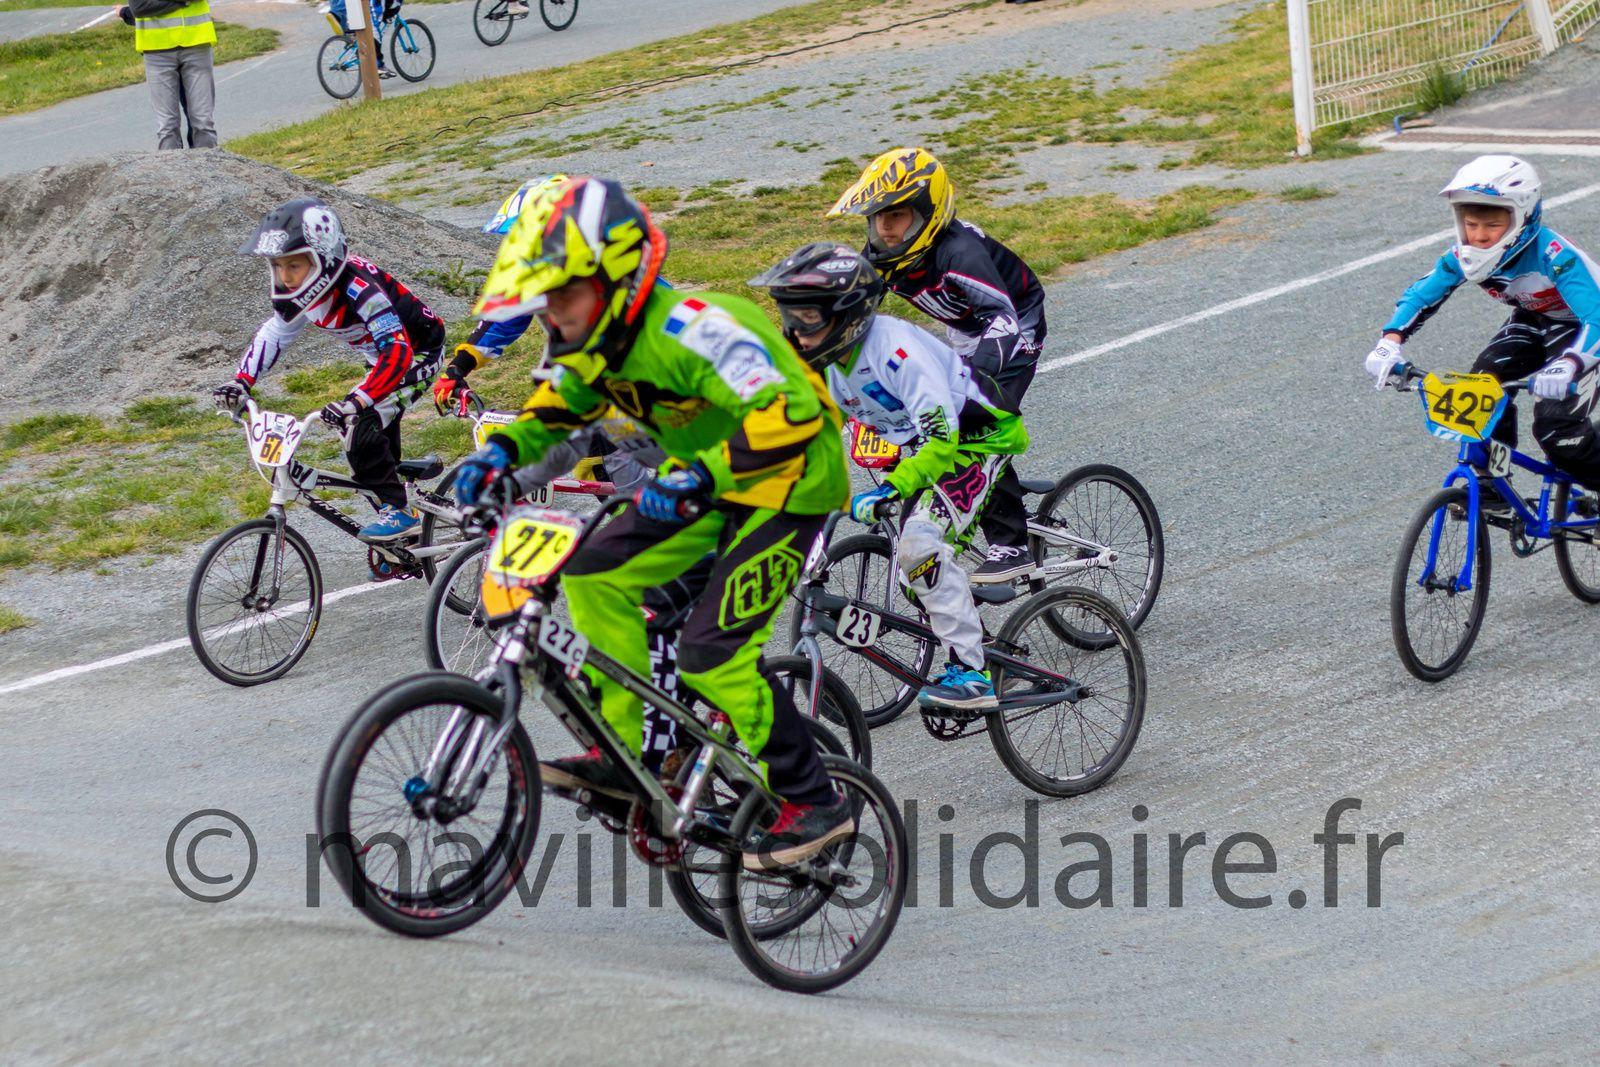 La Roche-sur-Yon. Les pilotes de BMX domptent la piste de la Généraudière